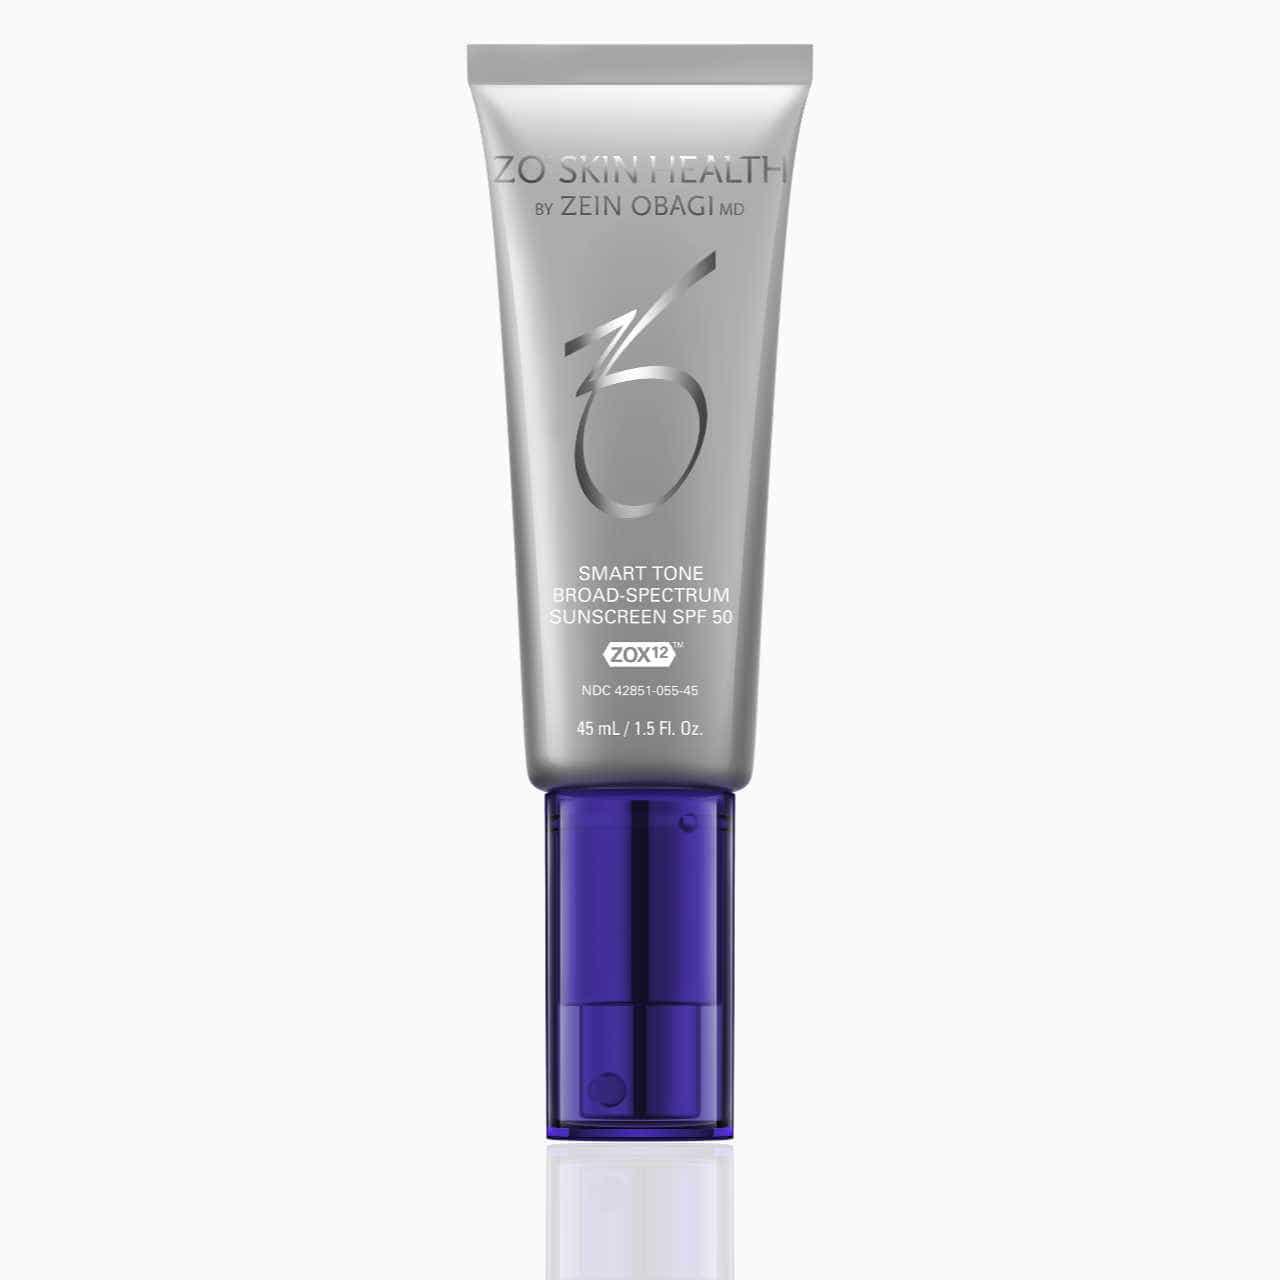 ZO Skin Health Smart Tone